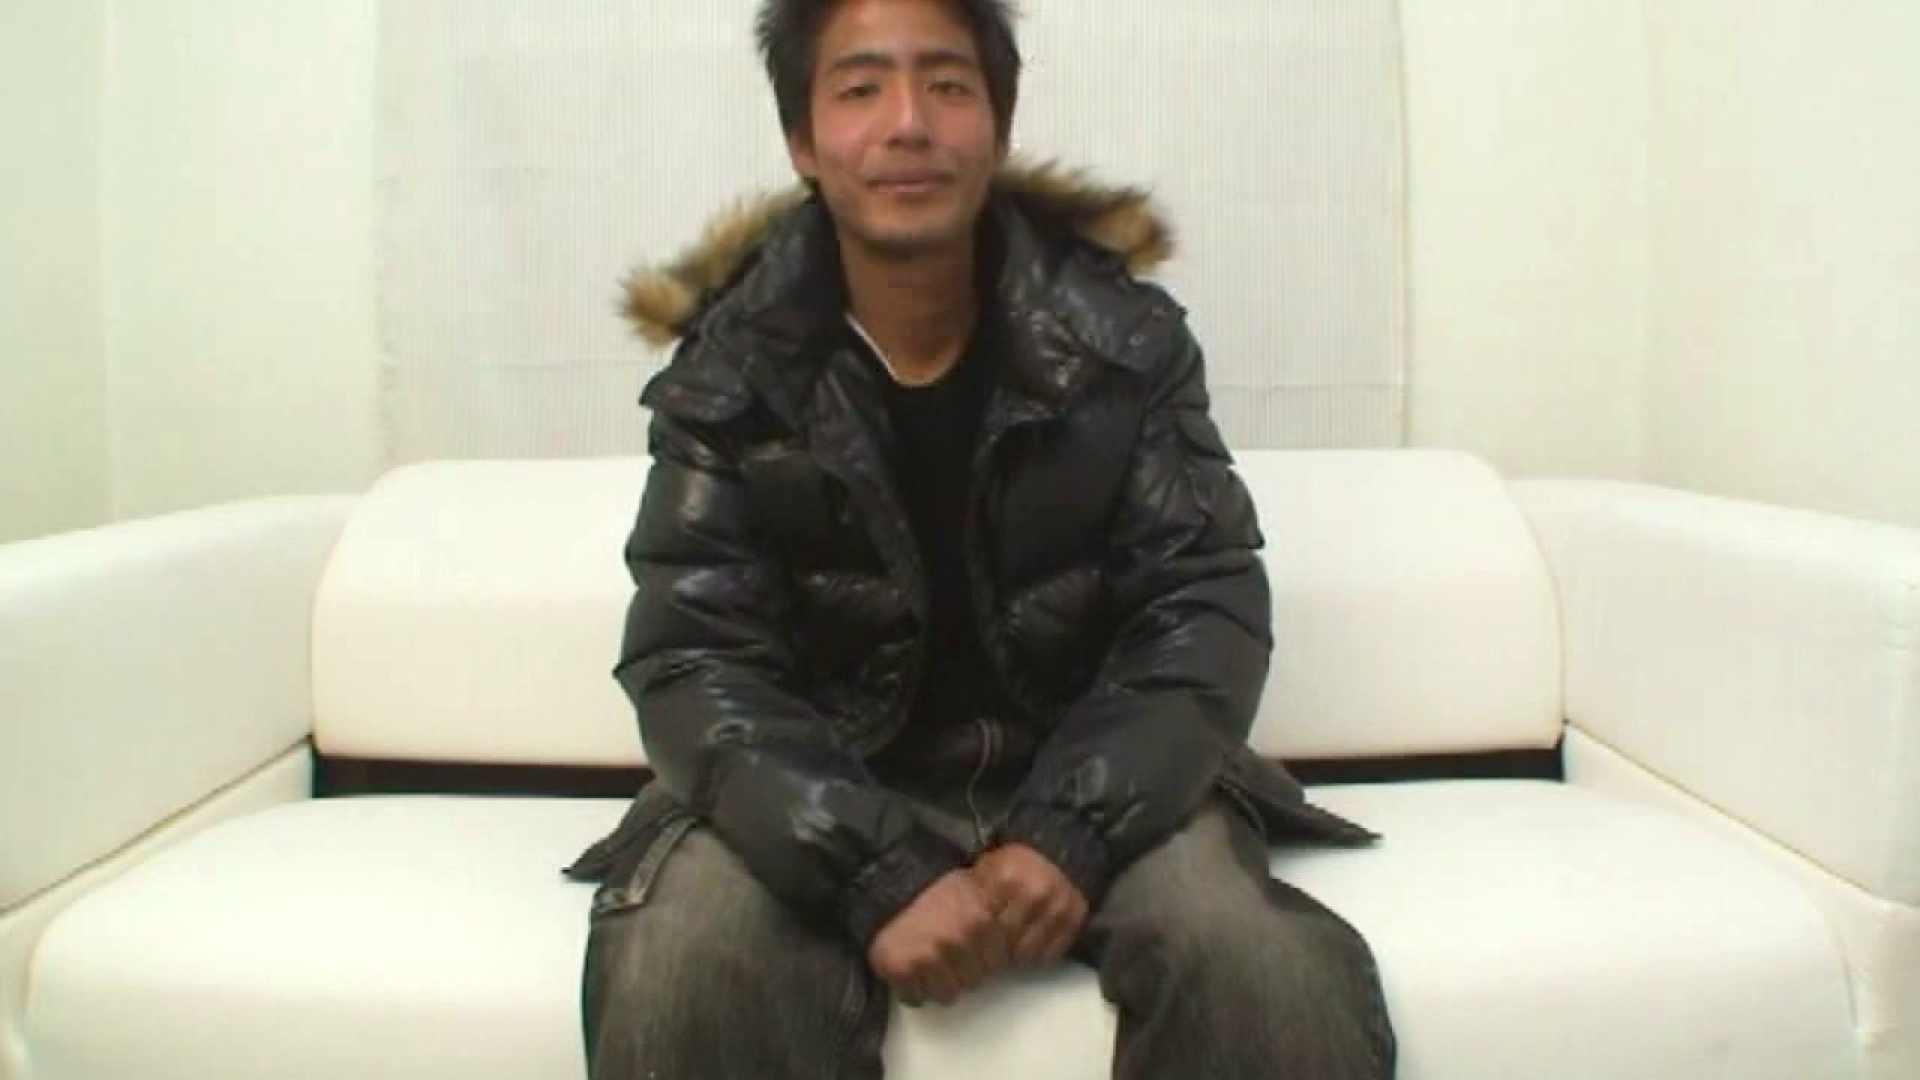 ノンケ!自慰スタジオ No.30 イケメンたち ゲイ無修正ビデオ画像 58枚 20